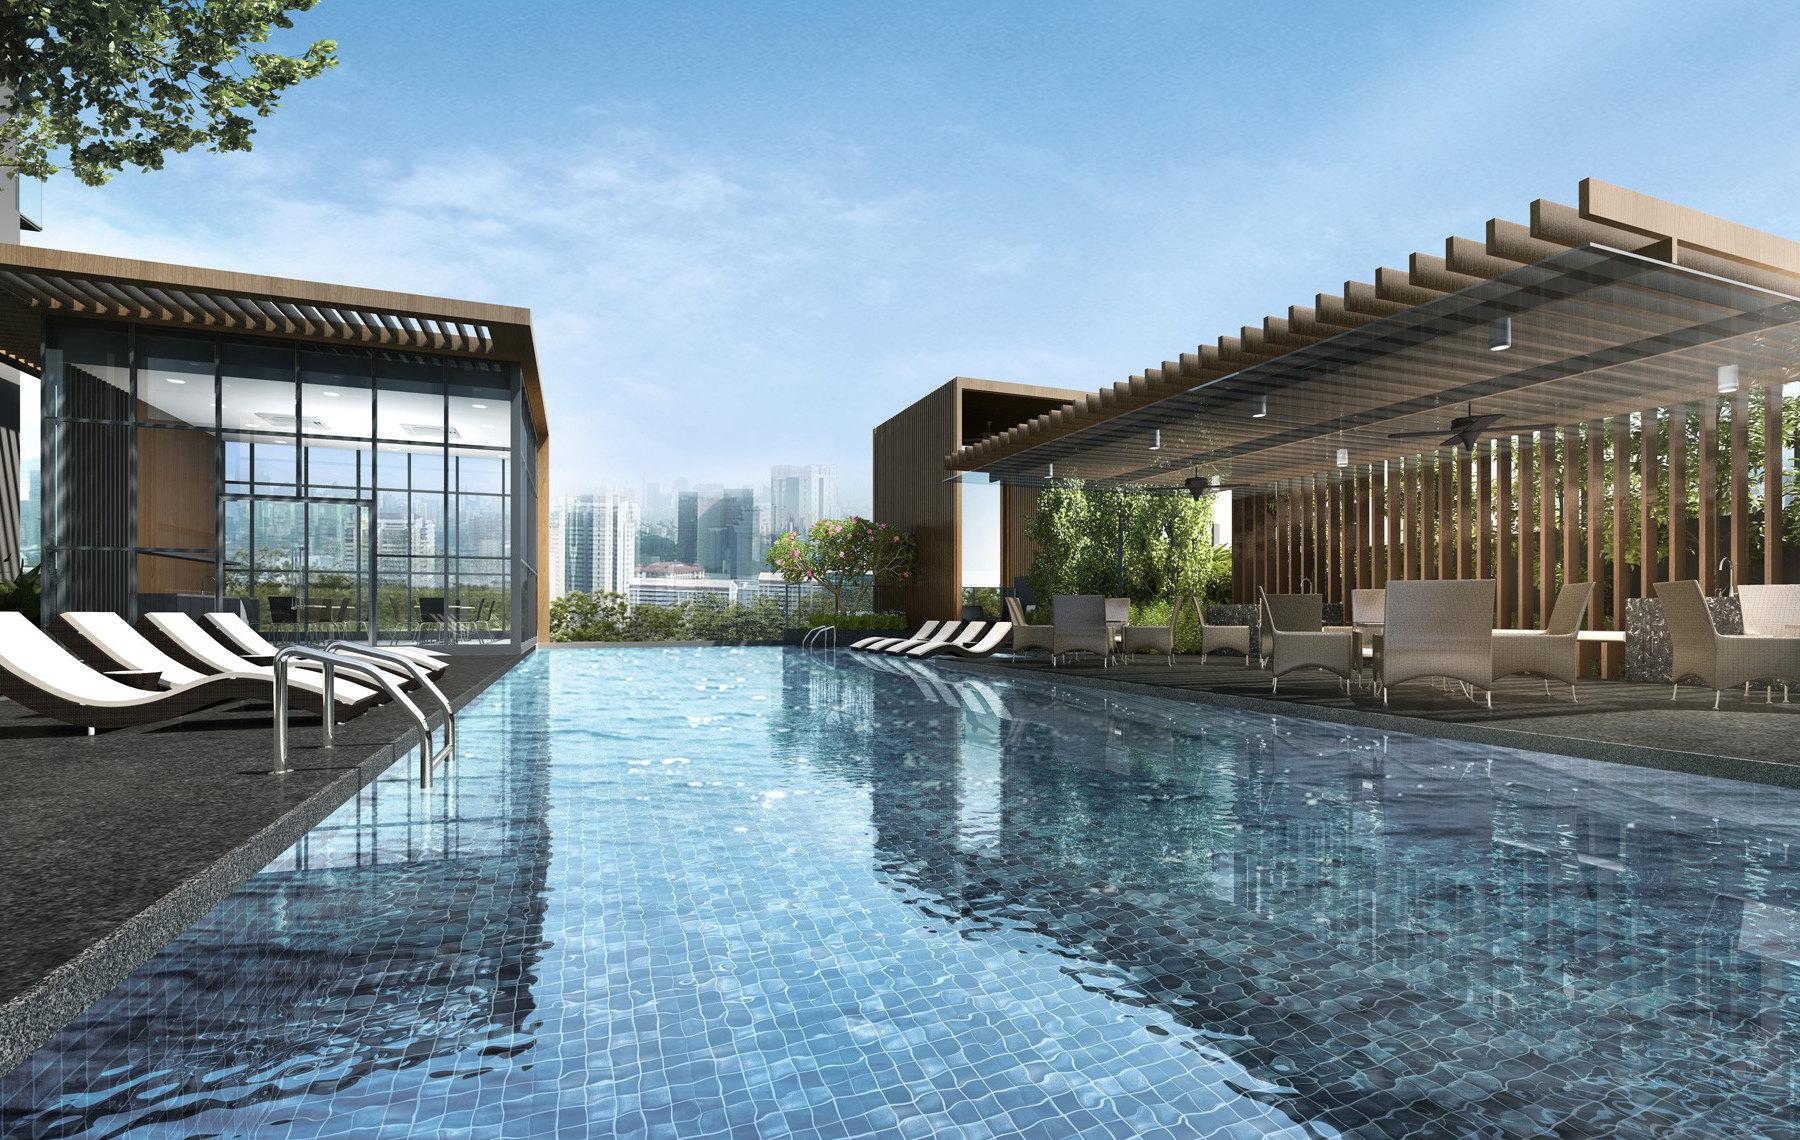 Condominium Pool at Level 5